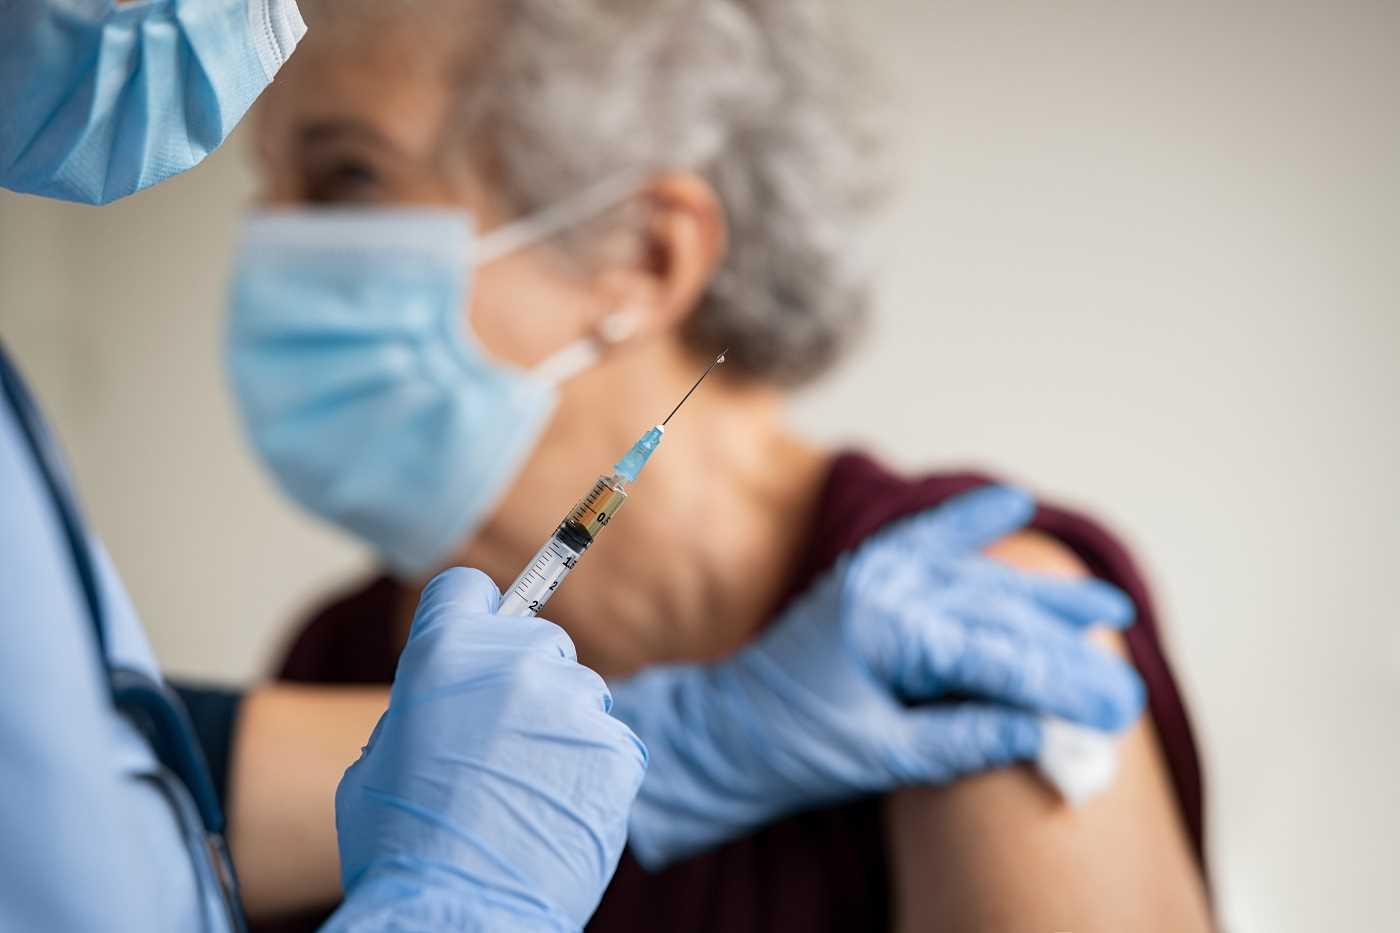 Les personnes âgées de plus de 75 ans vont pouvoir se faire vacciner au Havre - Illustration © iStock